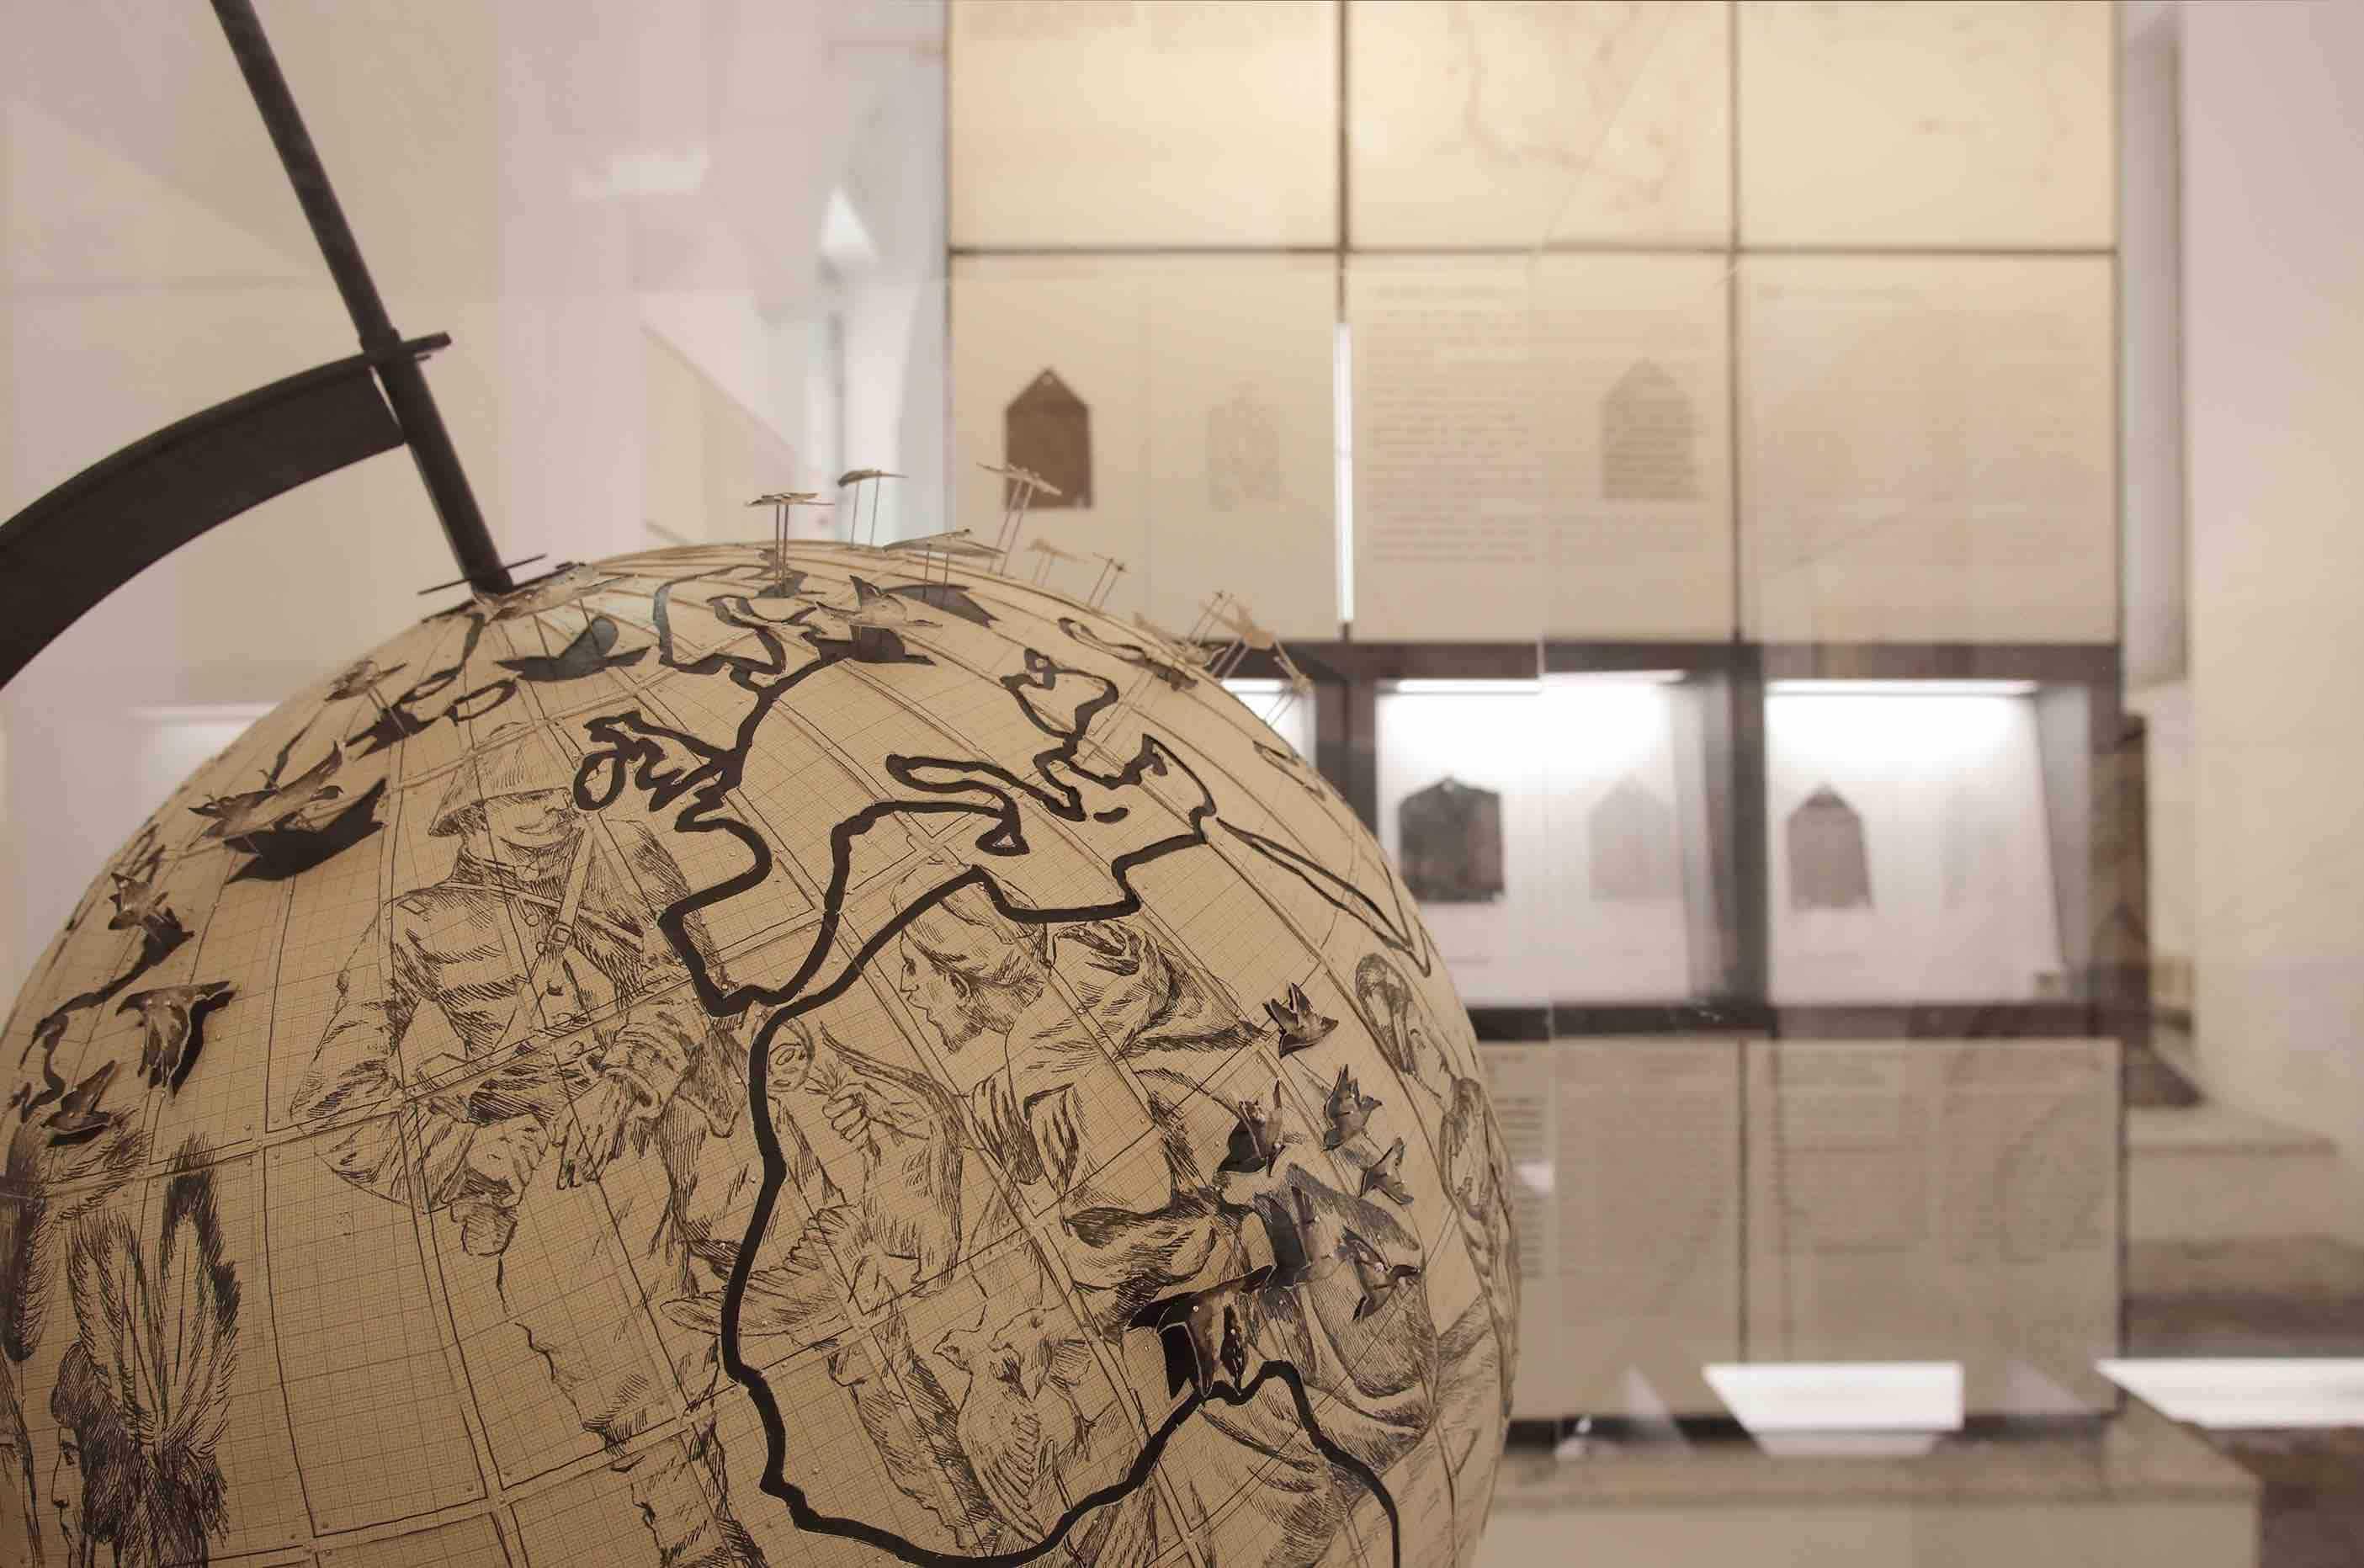 Pietro Ruffo 01, 02 Migration Globe 2017 cm 75x75x116 inchiostro e taglio su carta posato su tela veduta dell'installazione al Museo Salinas di Palermo Courtesy l'artista ph Fausto Brigantino